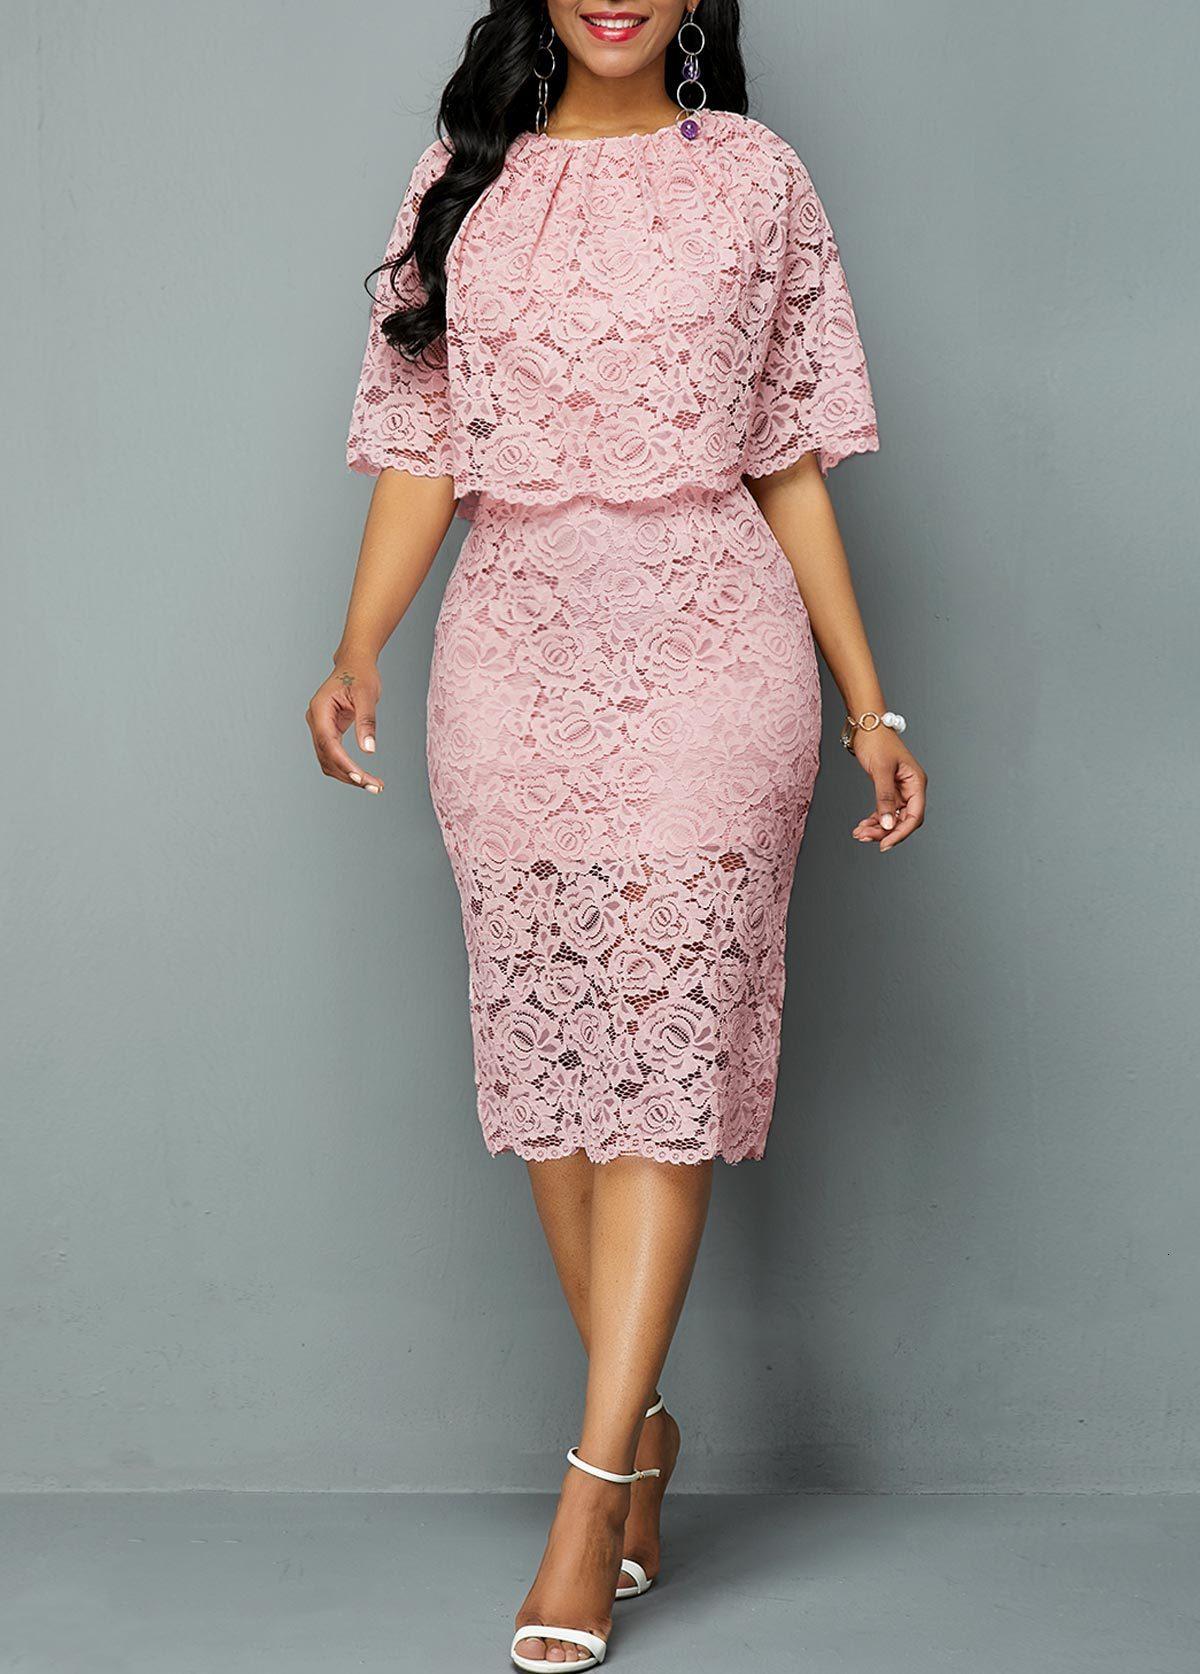 BacklakeGirls Pink Lace Round Neck Hollow Out Cocktail Dress With Cape Elegant Women Dress Plus Size Robe Mere De La Mariee 2019